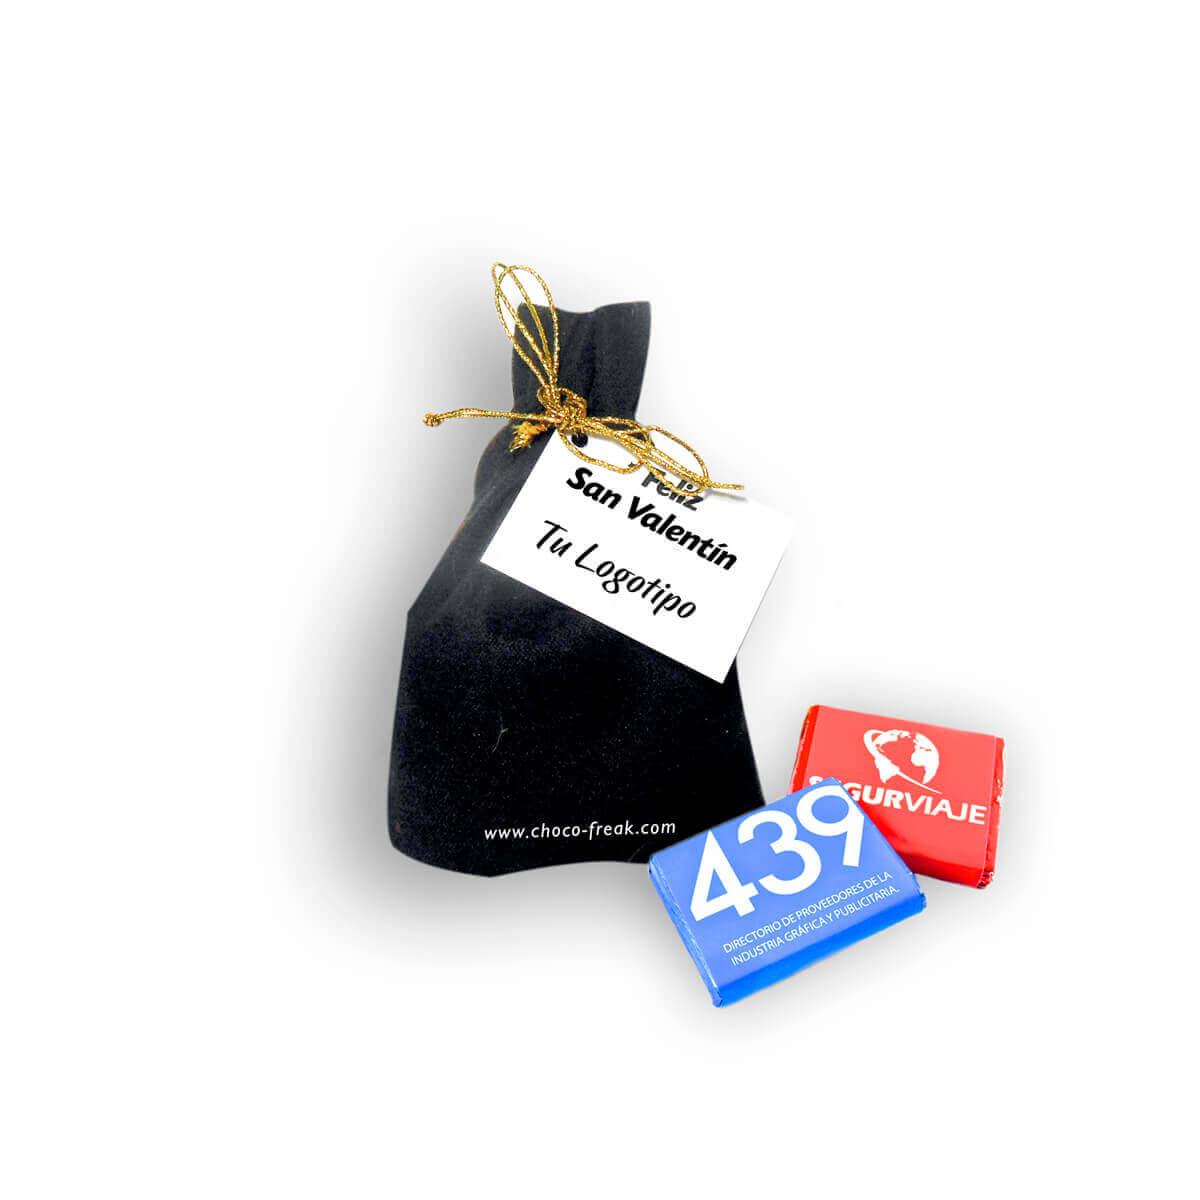 Regalos empresariales ecuador gift bag de tela con chocolates